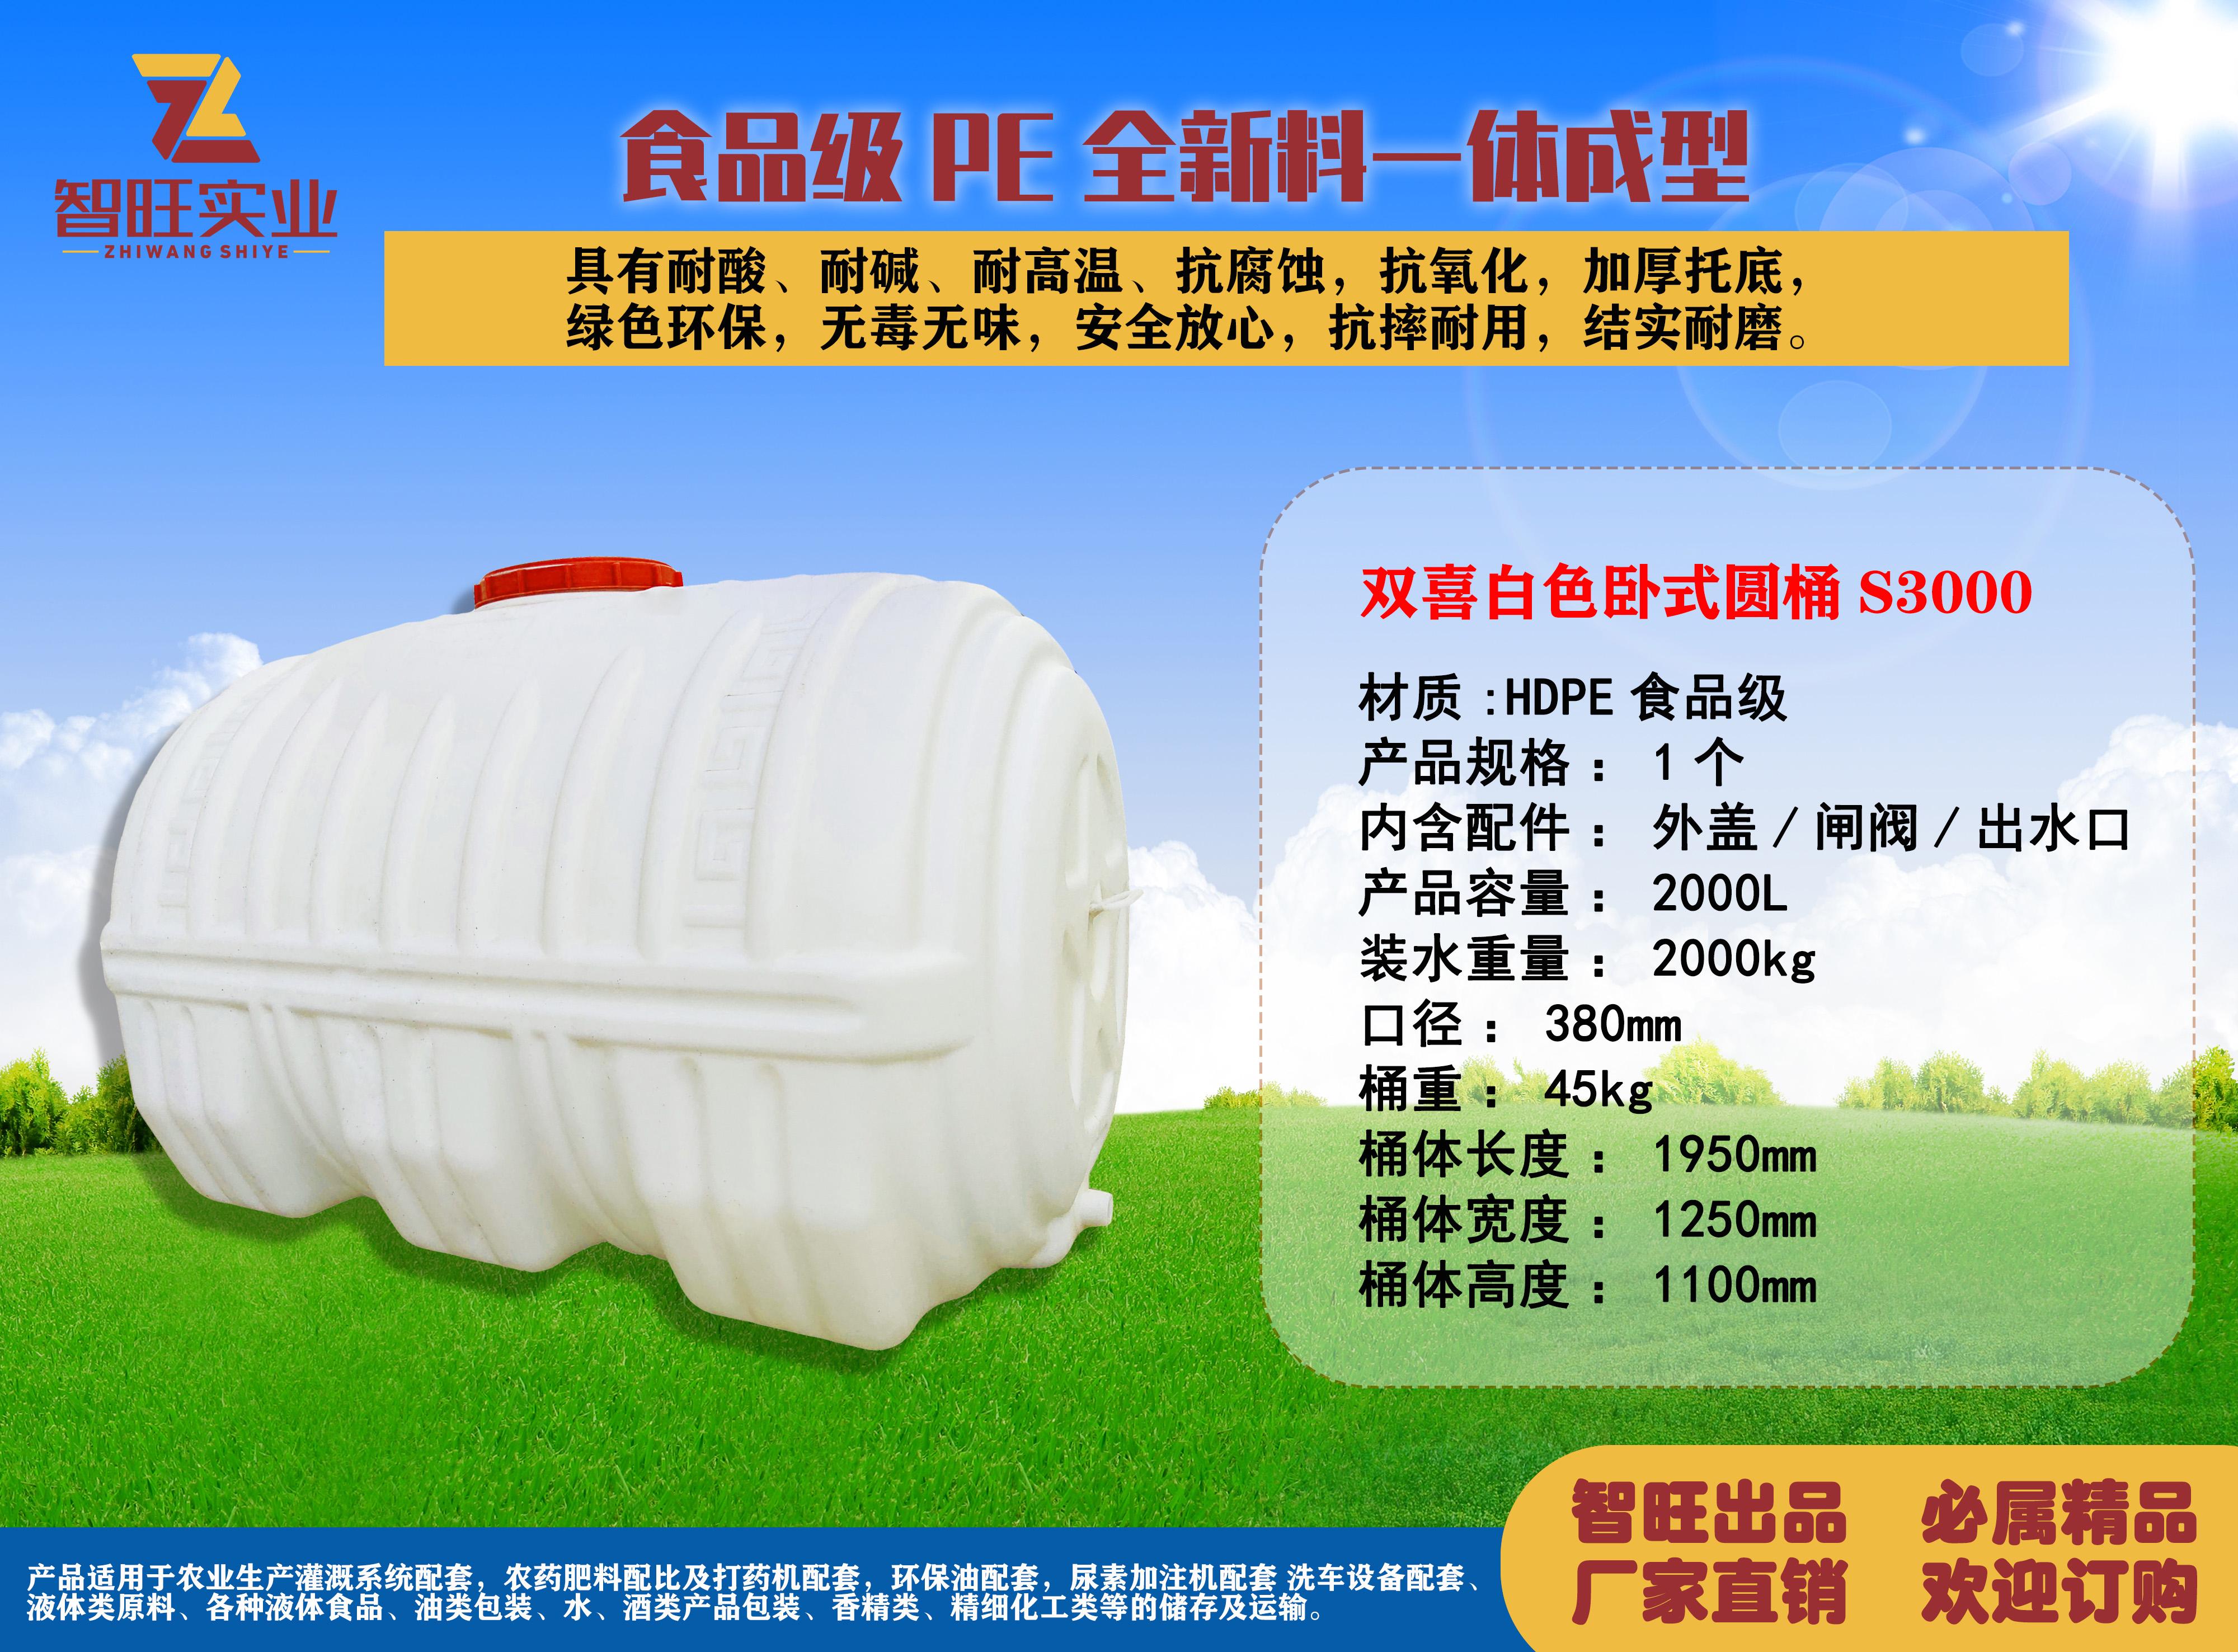 雙喜白色臥式圓桶S3000